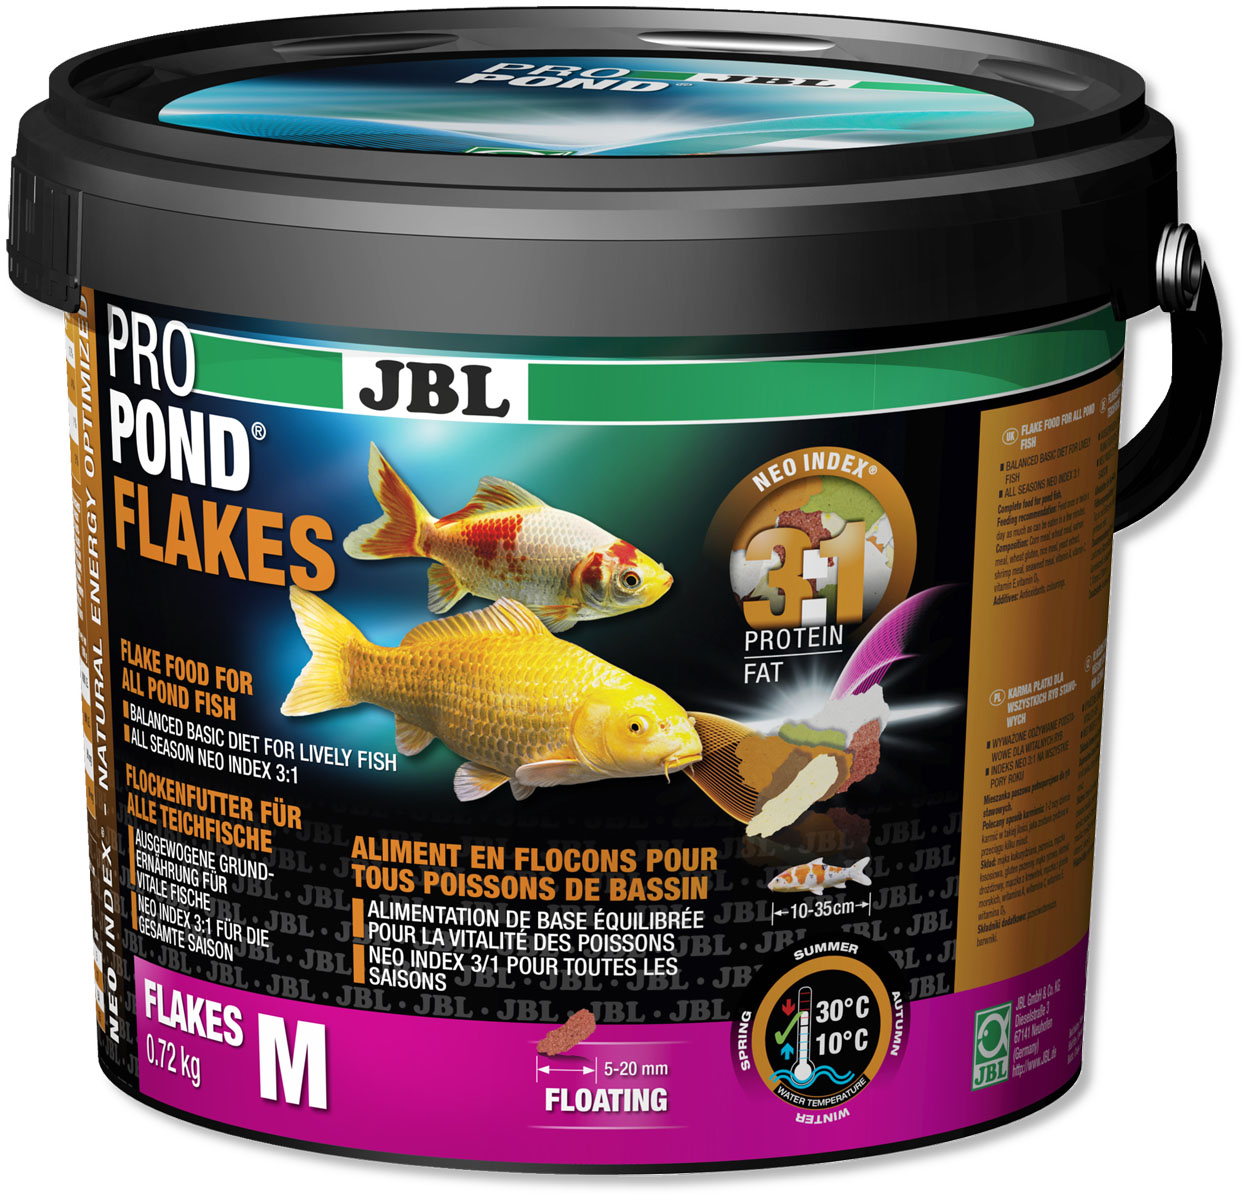 Корм JBL ProPond. Flakes M для прудовых рыб среднего размера, плавающие хлопья, 720 г (5,5 л)MSP5612Корм JBL ProPond. Flakes M в виде плавающих хлопьев предназначен для прудовых рыб среднего размера. Это основной корм с правильным соотношением белков и жиров 3:1 по индексу NEO Index, учитывающему температуру воды, функции, размер и возраст питомцев. NEO Индекс буквально означает: натуральное энергетически оптимизированное питание. Если рассматривать с точки зрения времени года, рыбы зимой должны получать вдвое меньше белков (2:1), чем летом (4:1). Однако учитываются не только время года и температура воды, но и размер, и возраст, а также функция корма (например, для роста - ProPond Growth). NEO Индекс сочетает в себе все эти нюансы. Корм содержит пшеницу, гаммарус, лосось, креветки и водоросли для силы и здоровья прудовых рыб (температура воды 10-30°C). Размер корма M (5-20 мм) предназначен для рыб 10-35 см. Плавучие хлопья с 12% белка, 4% жира, 1% клетчатки, а также 2% золы. Основной корм в закрывающемся, практичном, непрозрачном, водонепроницаемом пластиковом ведре для лучшего качества.Товар сертифицирован.